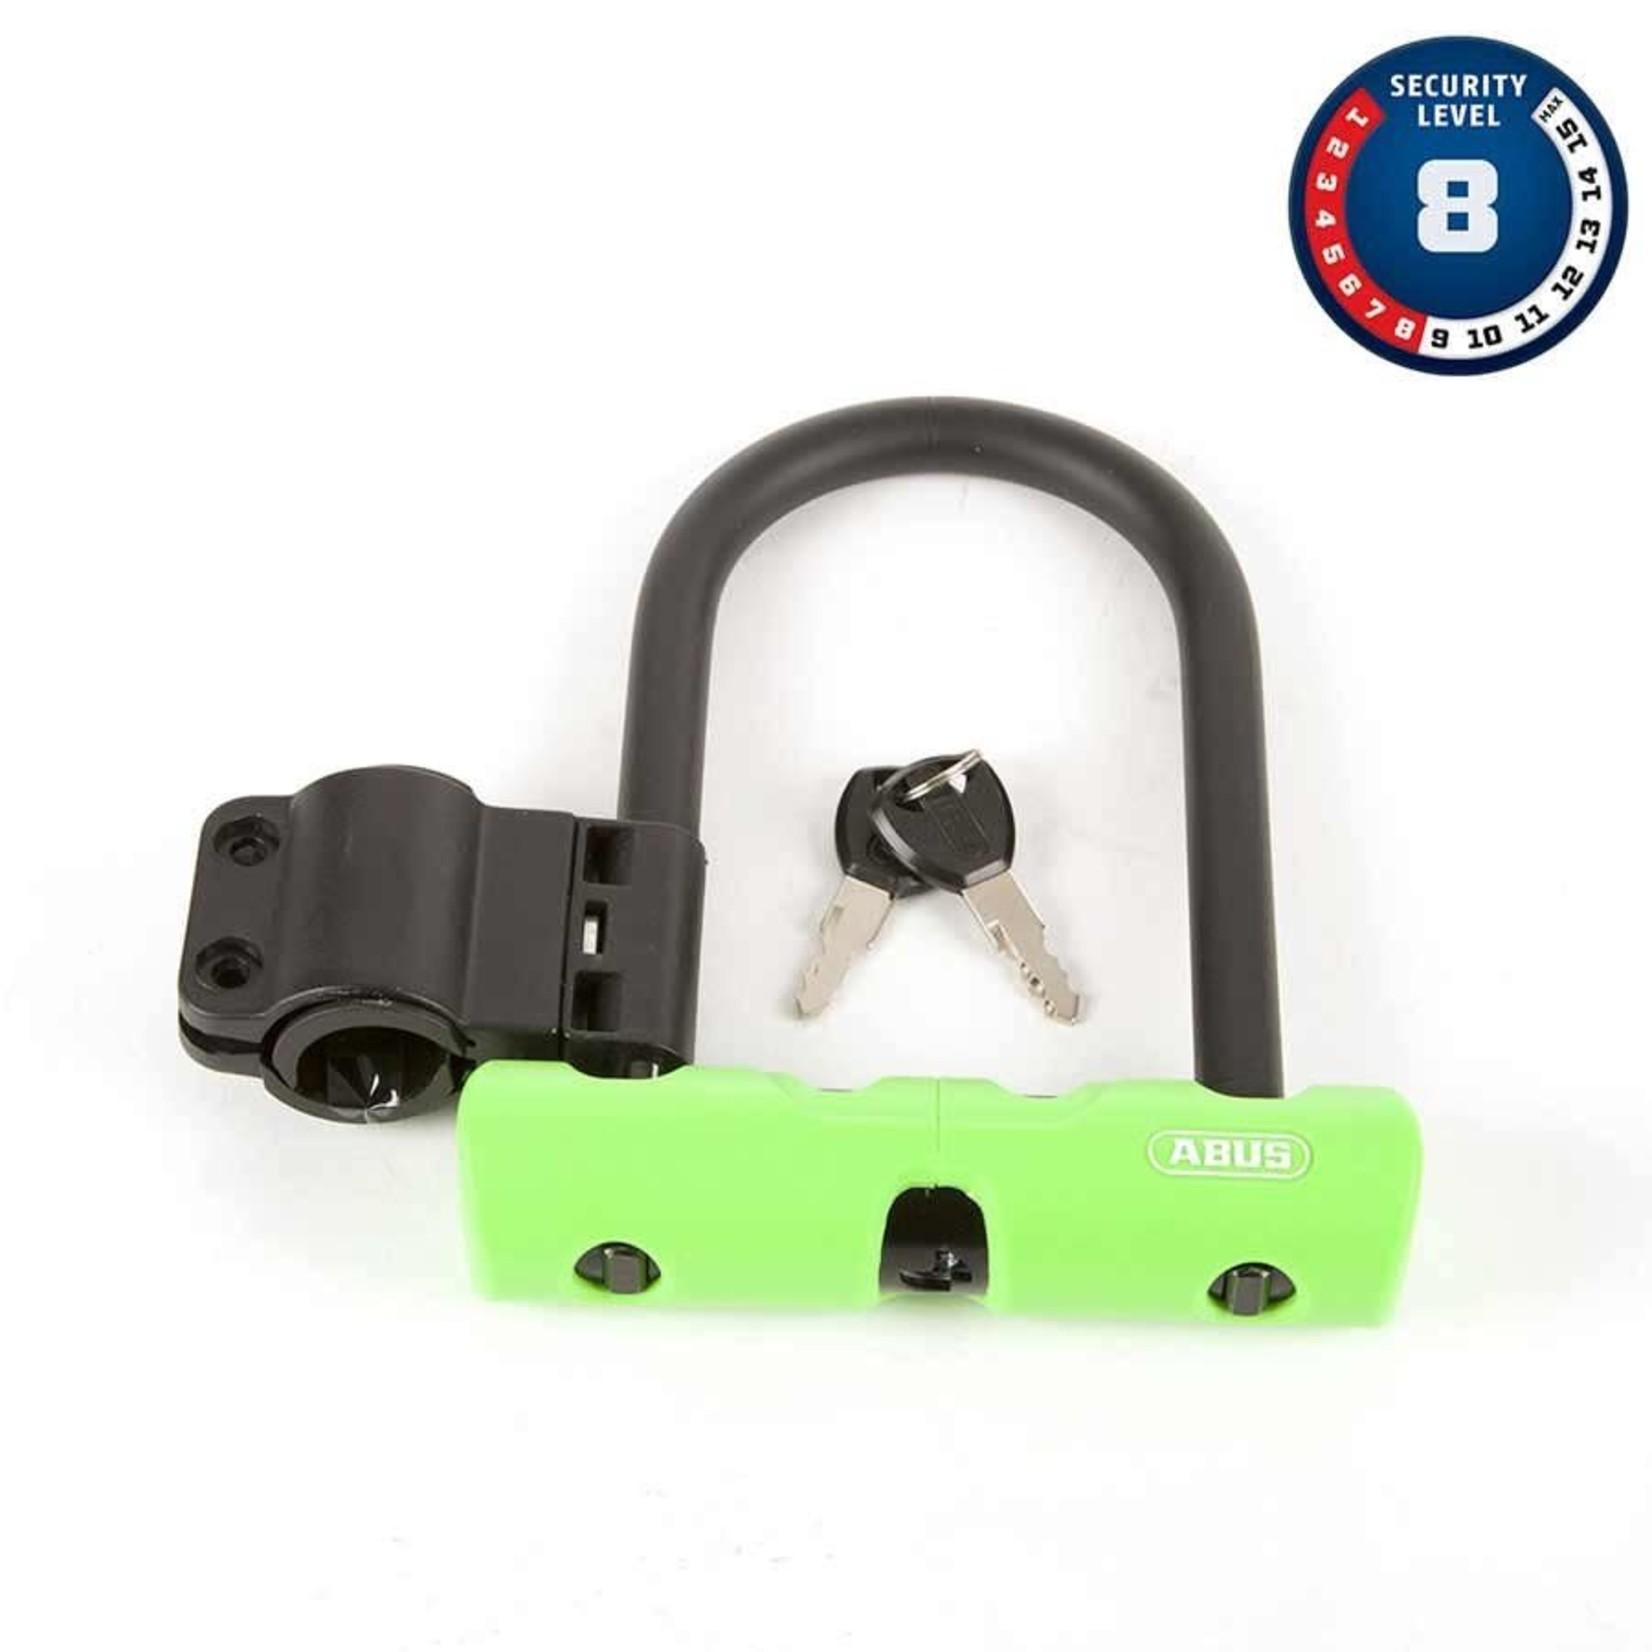 Abus Abus Ultra Mini 410 U-Lock, 180mm